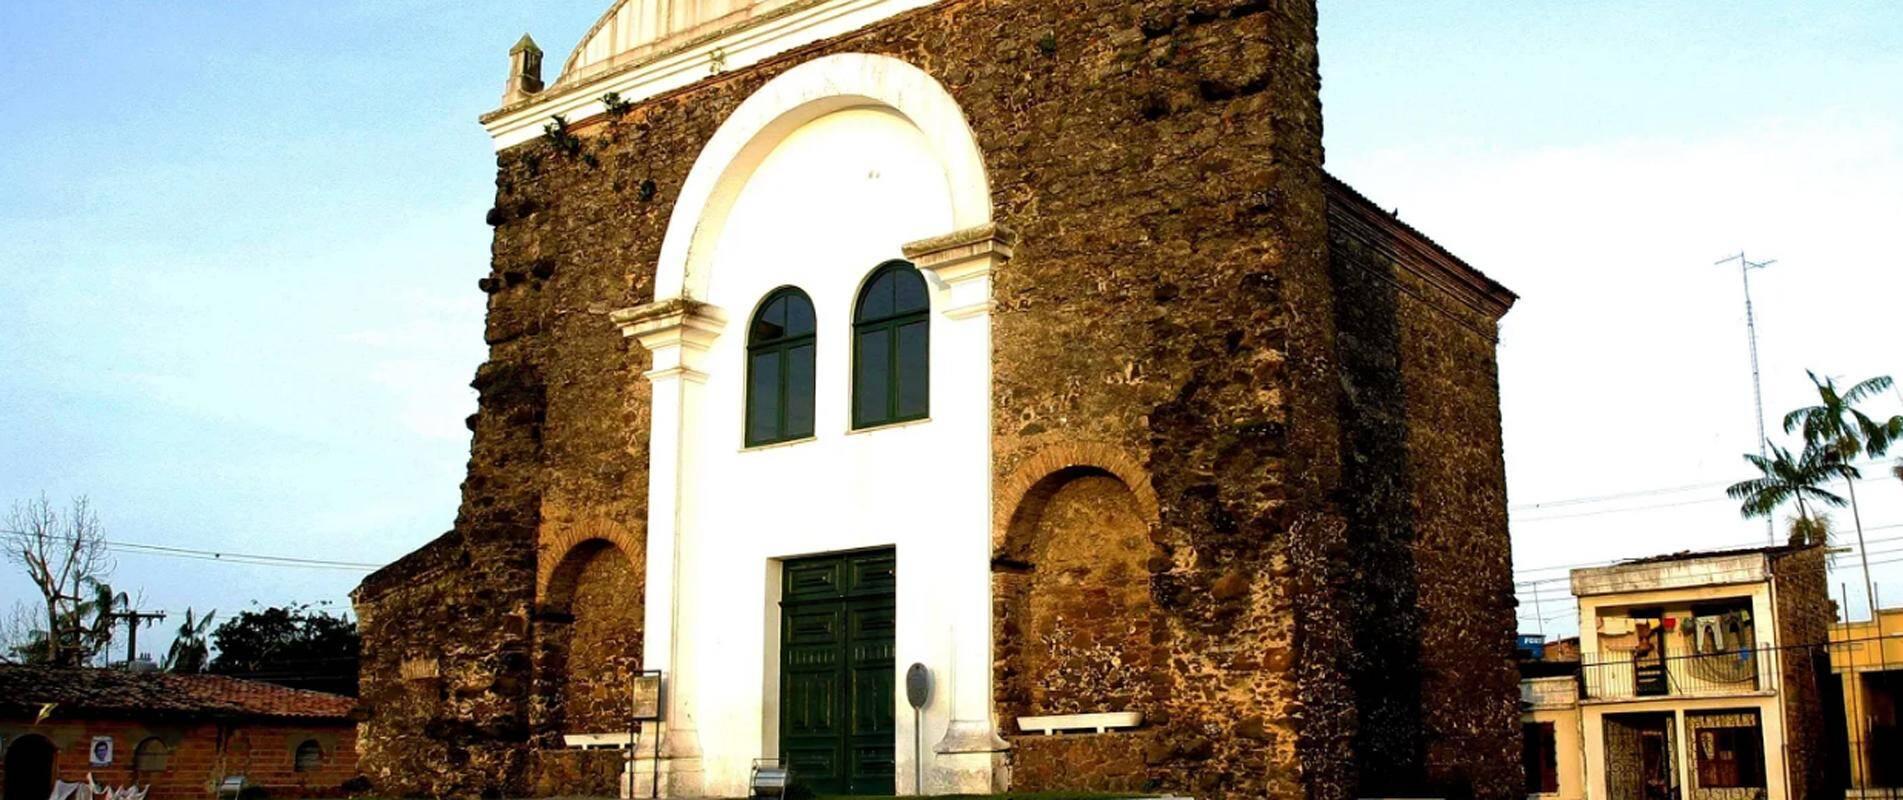 Também conhecida como Igreja de Pedra, esta capela em Vigia é considerada uma joia da arquiteturá jesuítica no Brasil . Foto: Divulgação